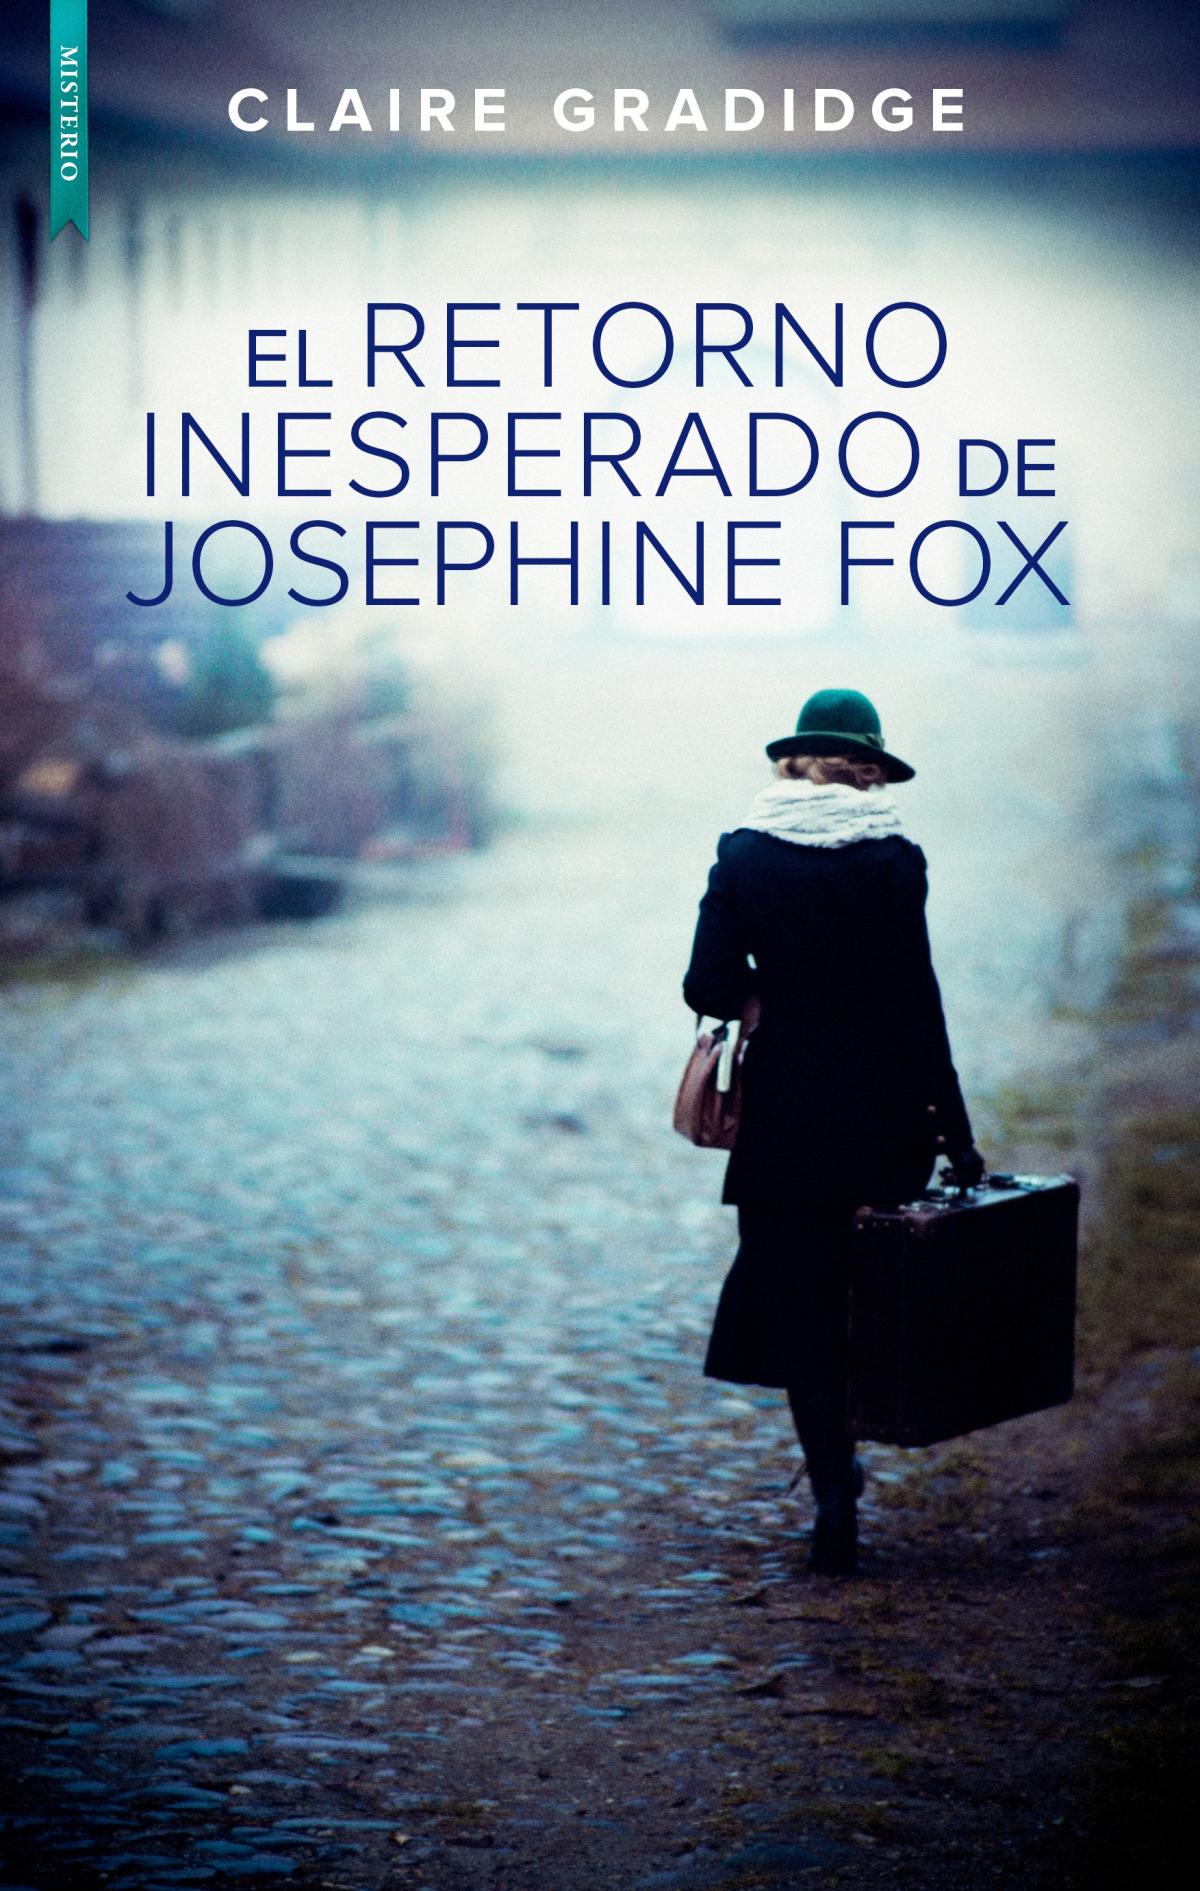 El retorno inesperado de Josephine Fox